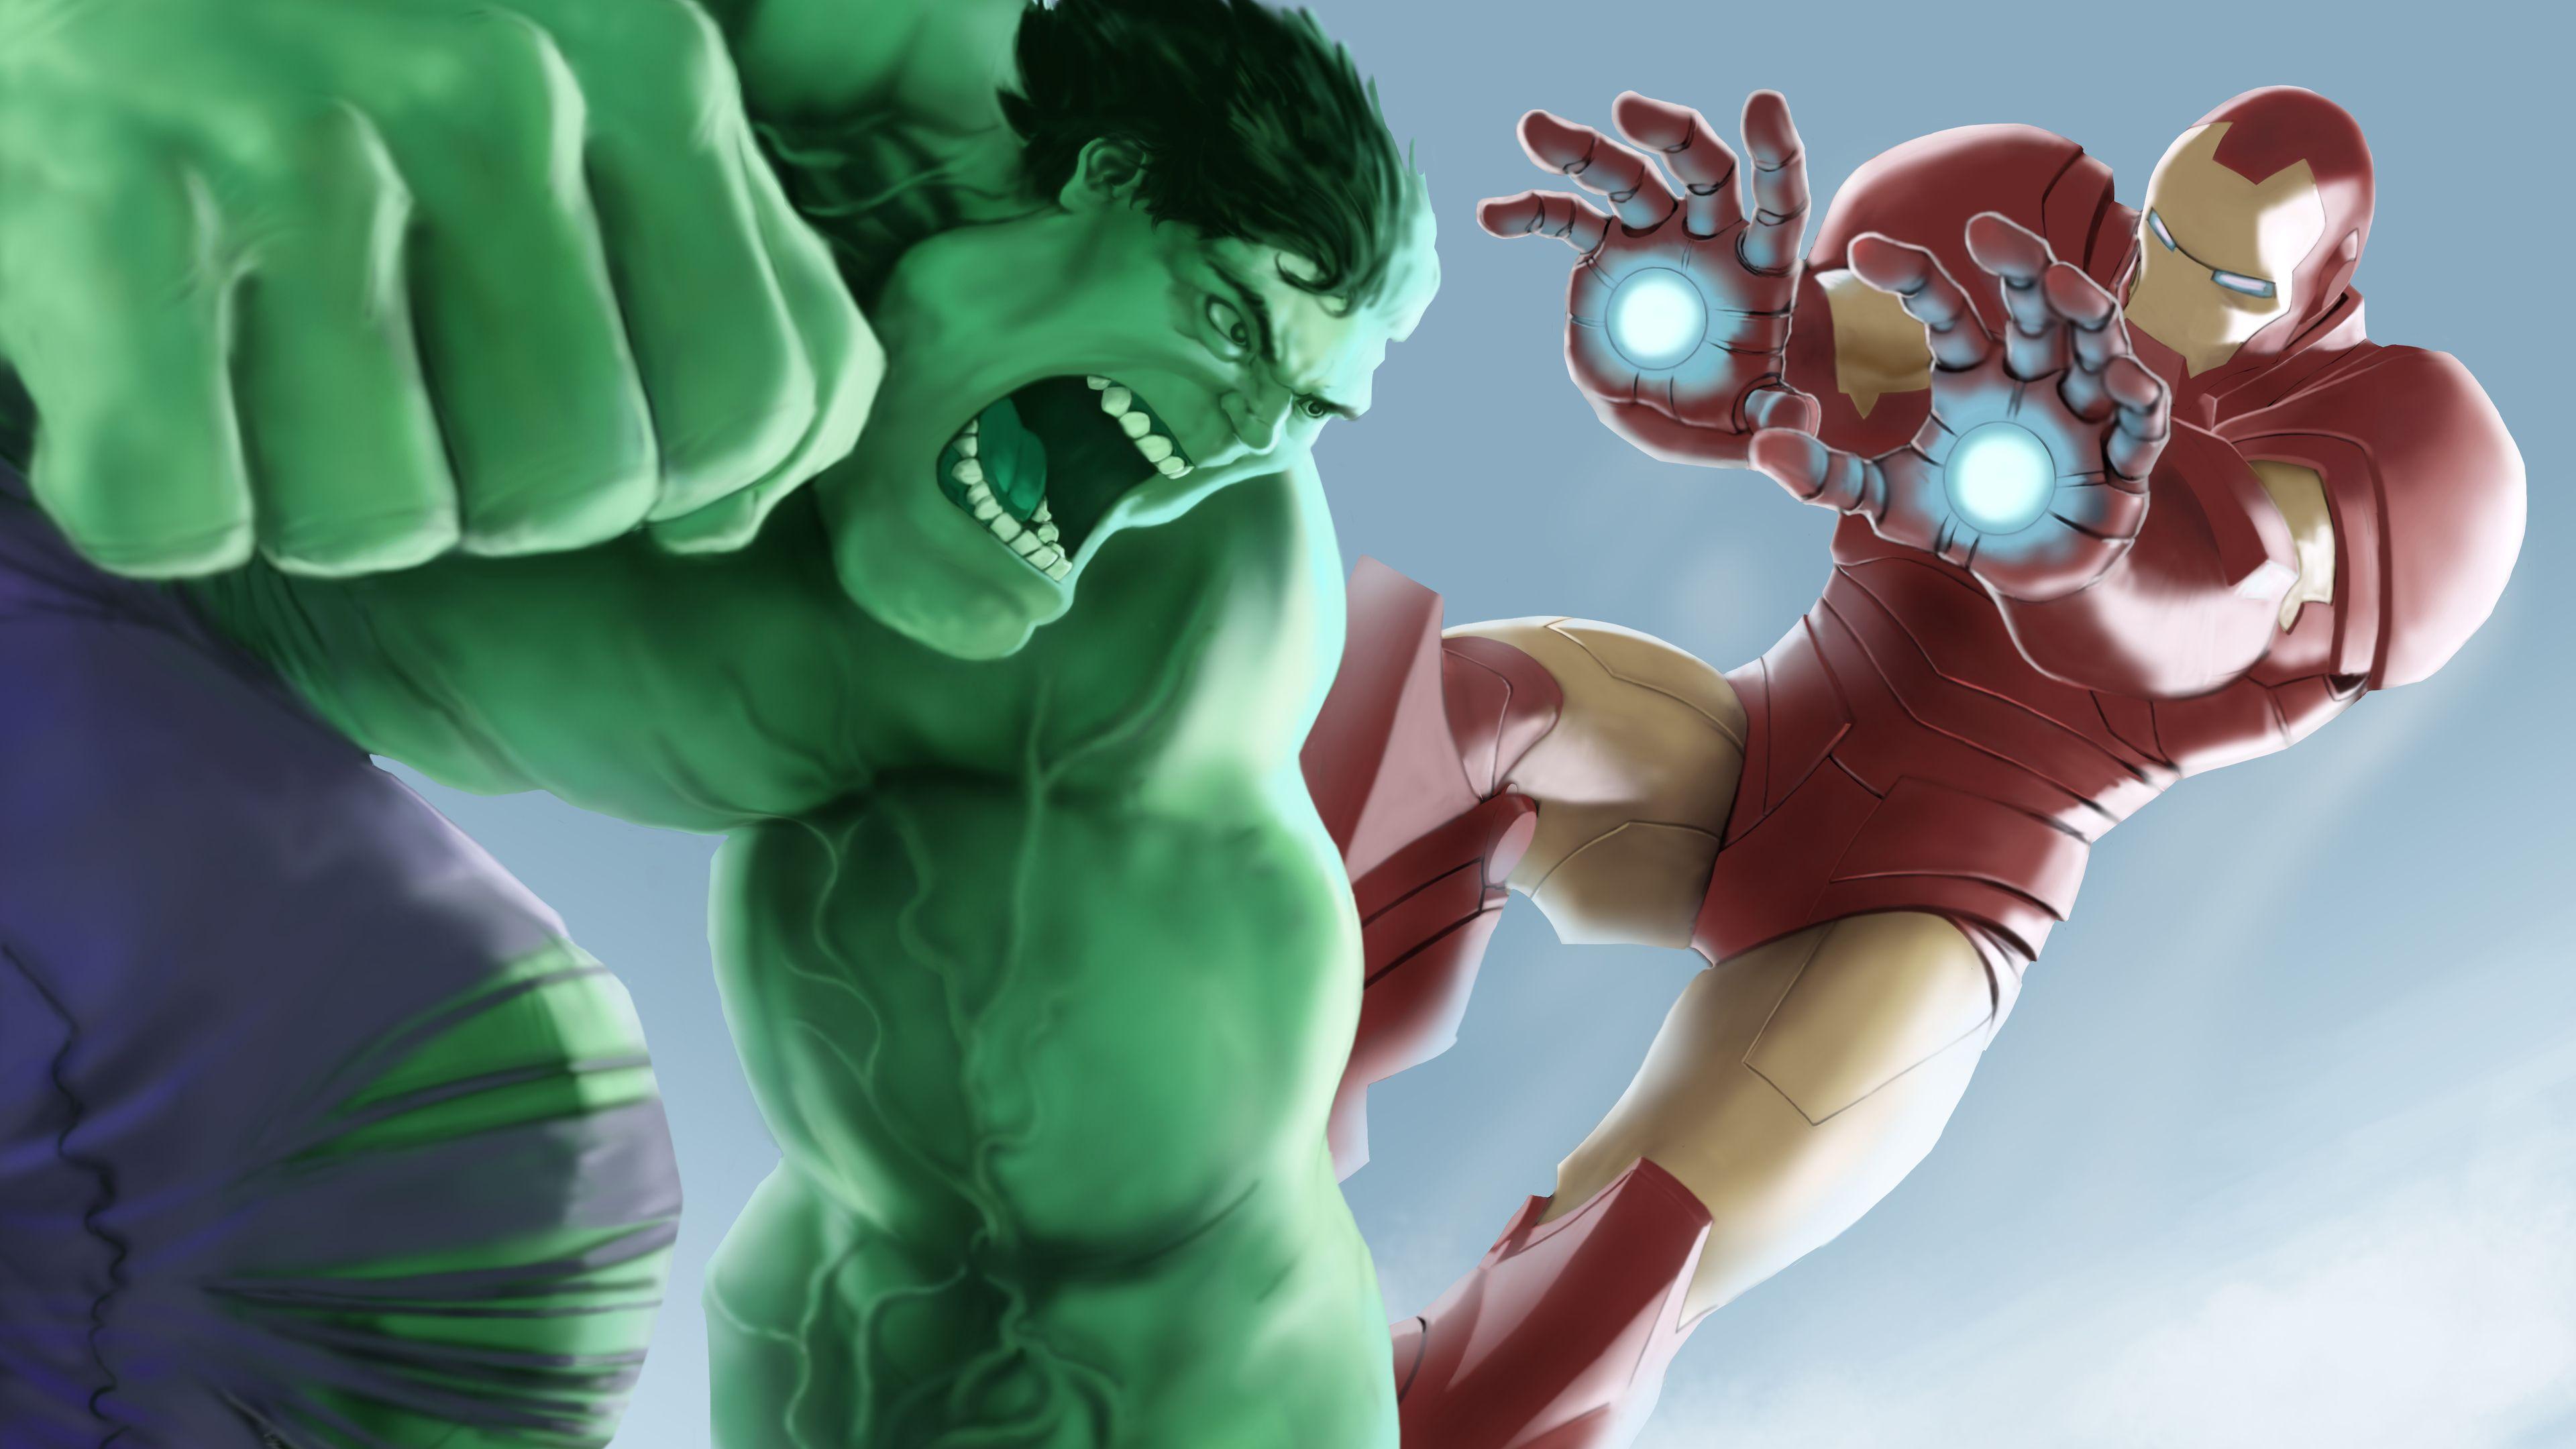 Wallpaper 4k Iron Man Hulk Airborn 4k 4kwallpapers, 5k